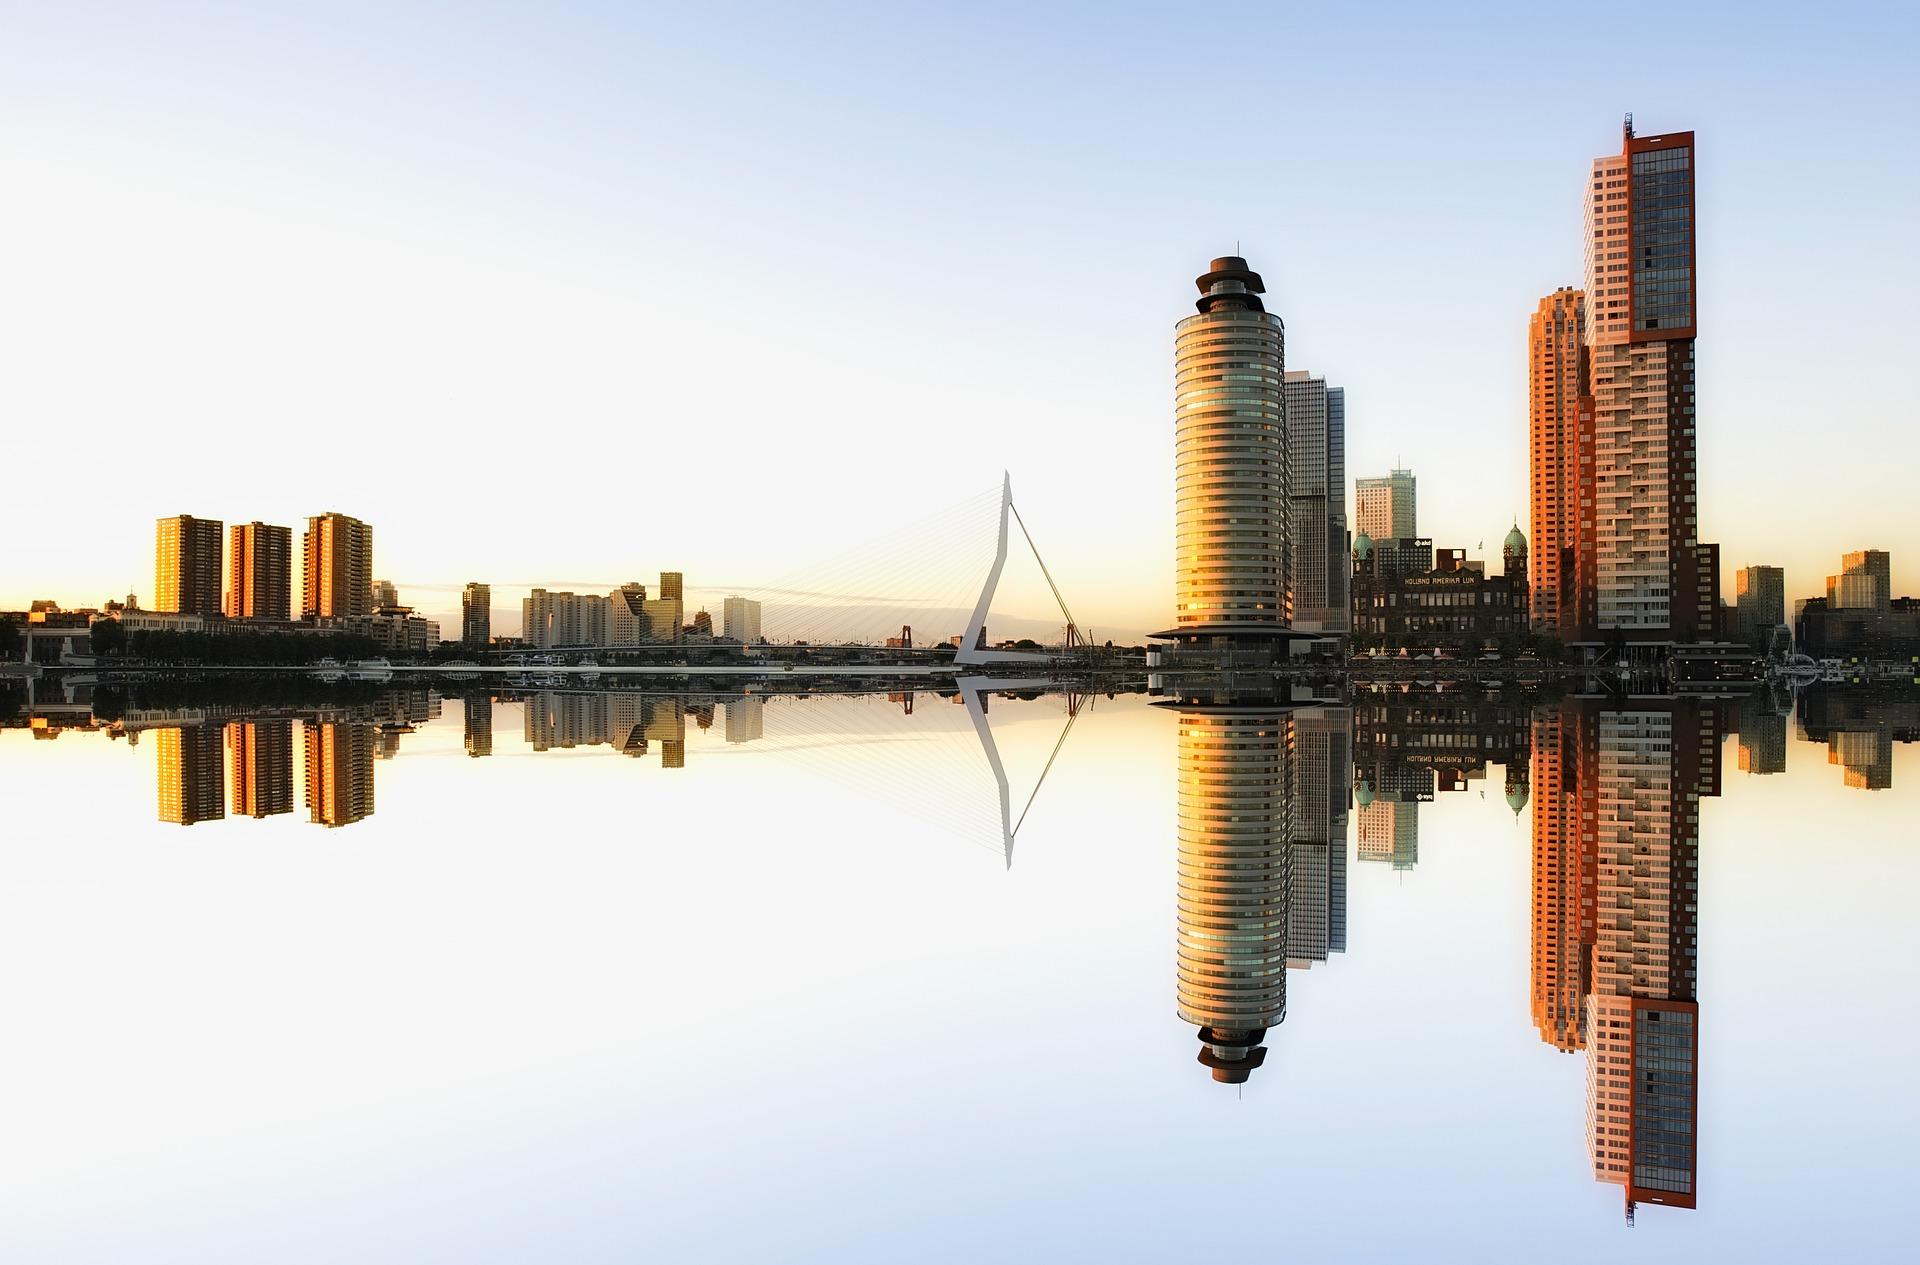 Hoogoplopende gemoederen in de Tweebosbuurt in Rotterdam